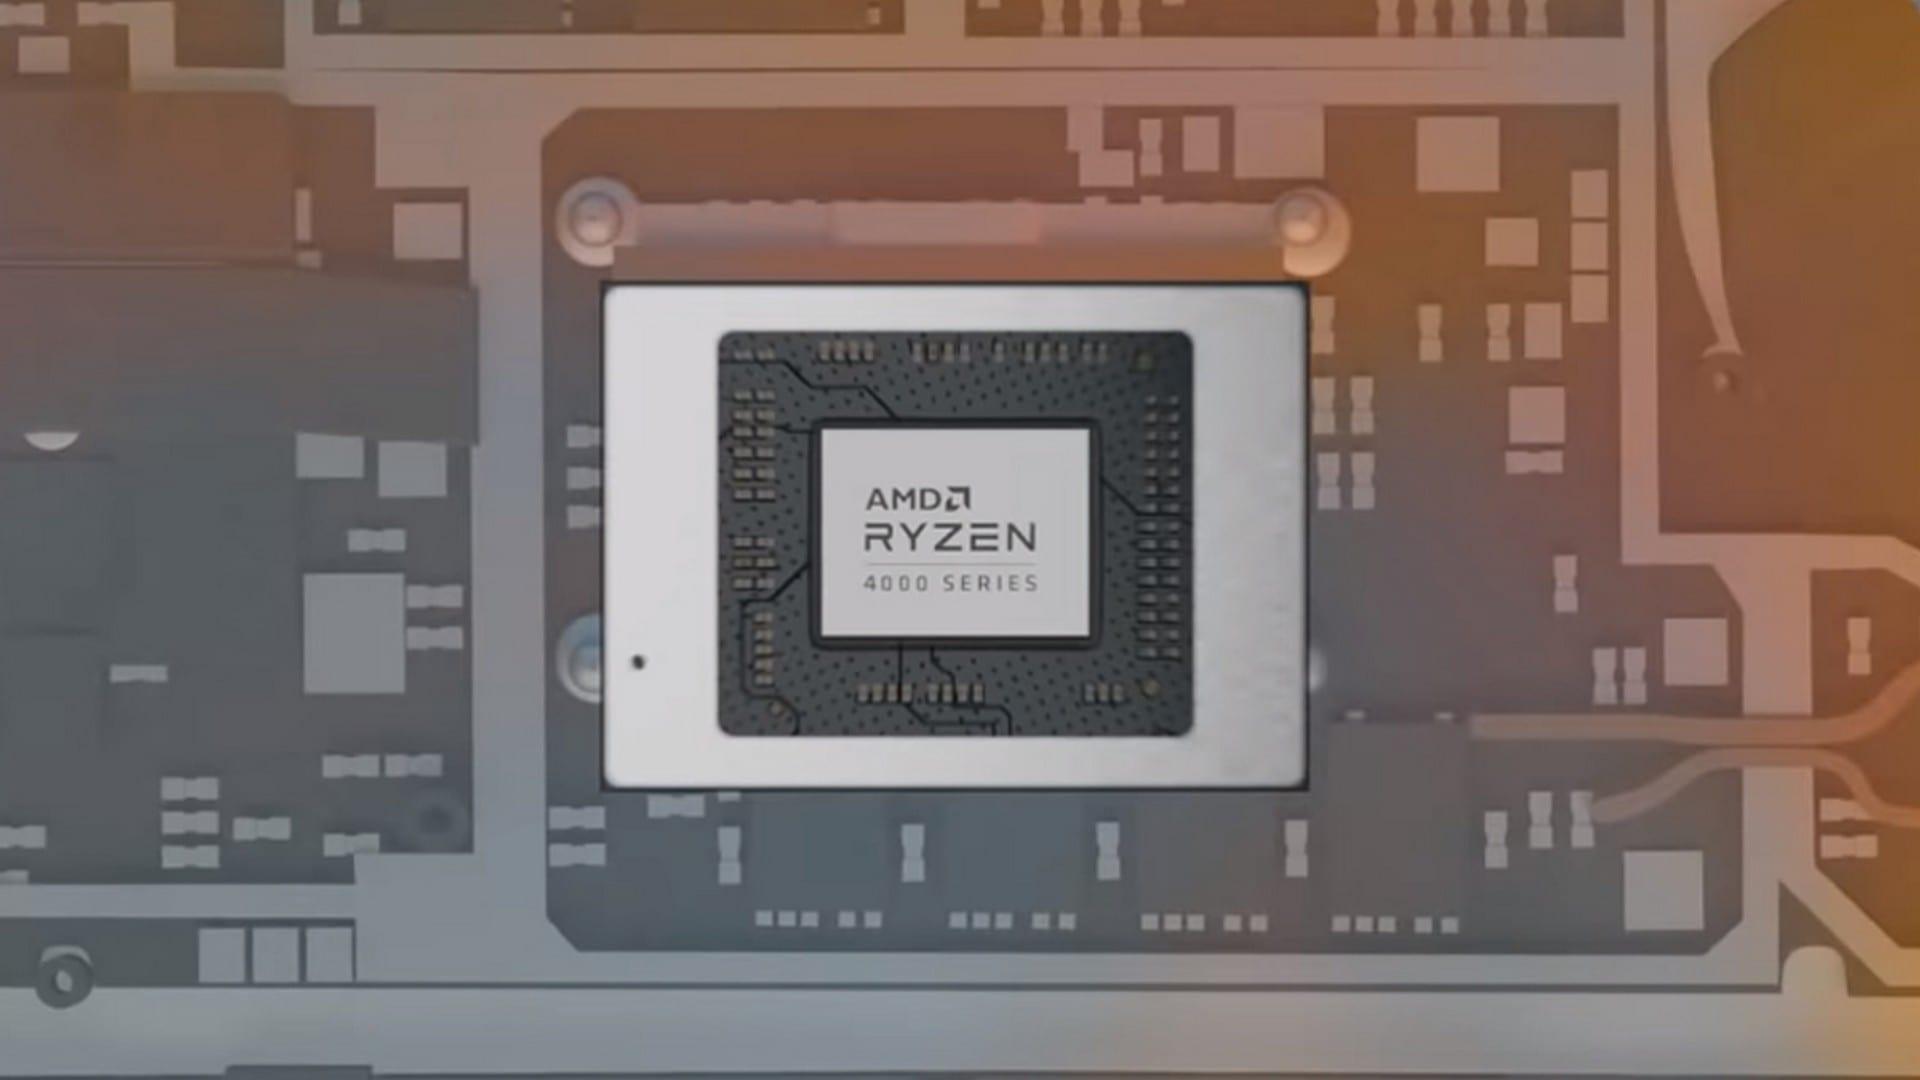 Странный процессор AMD в основе нового ноутбука Microsoft. Компании снова готовят уникальное предложение